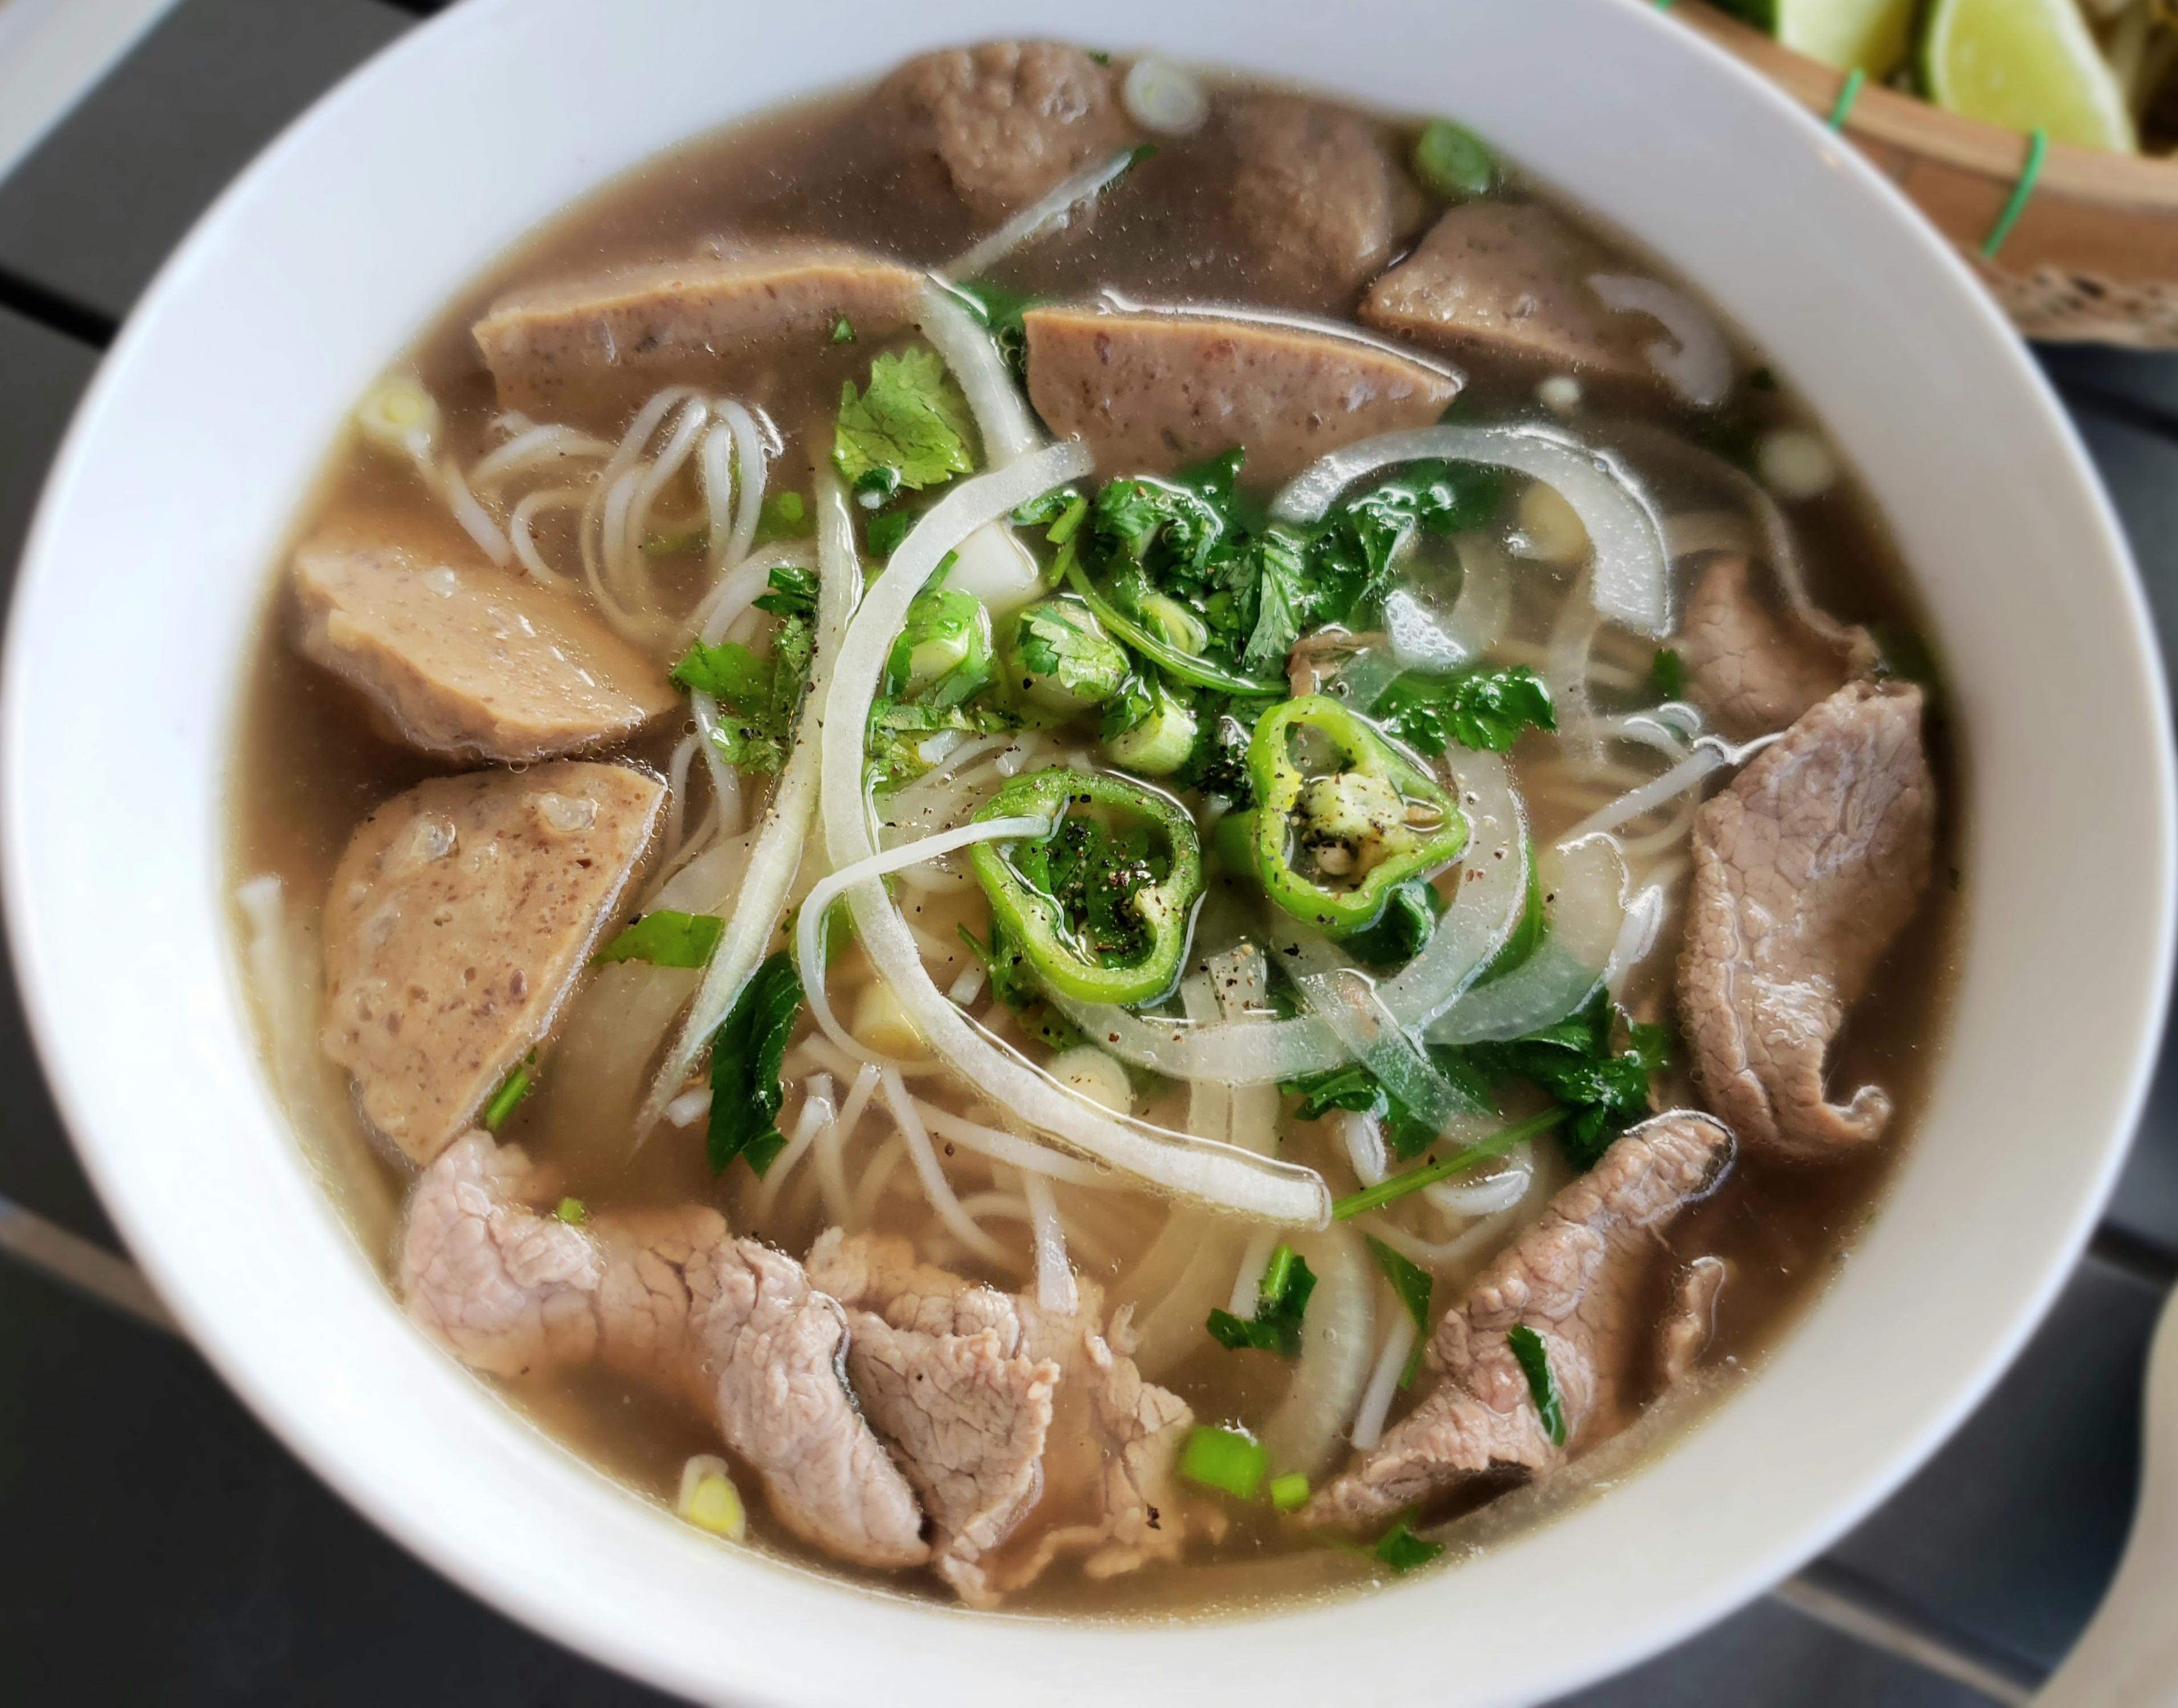 Katie S Test Kitchen Phở Bo Instant Pot Vietnamese Beef Noodle Soup